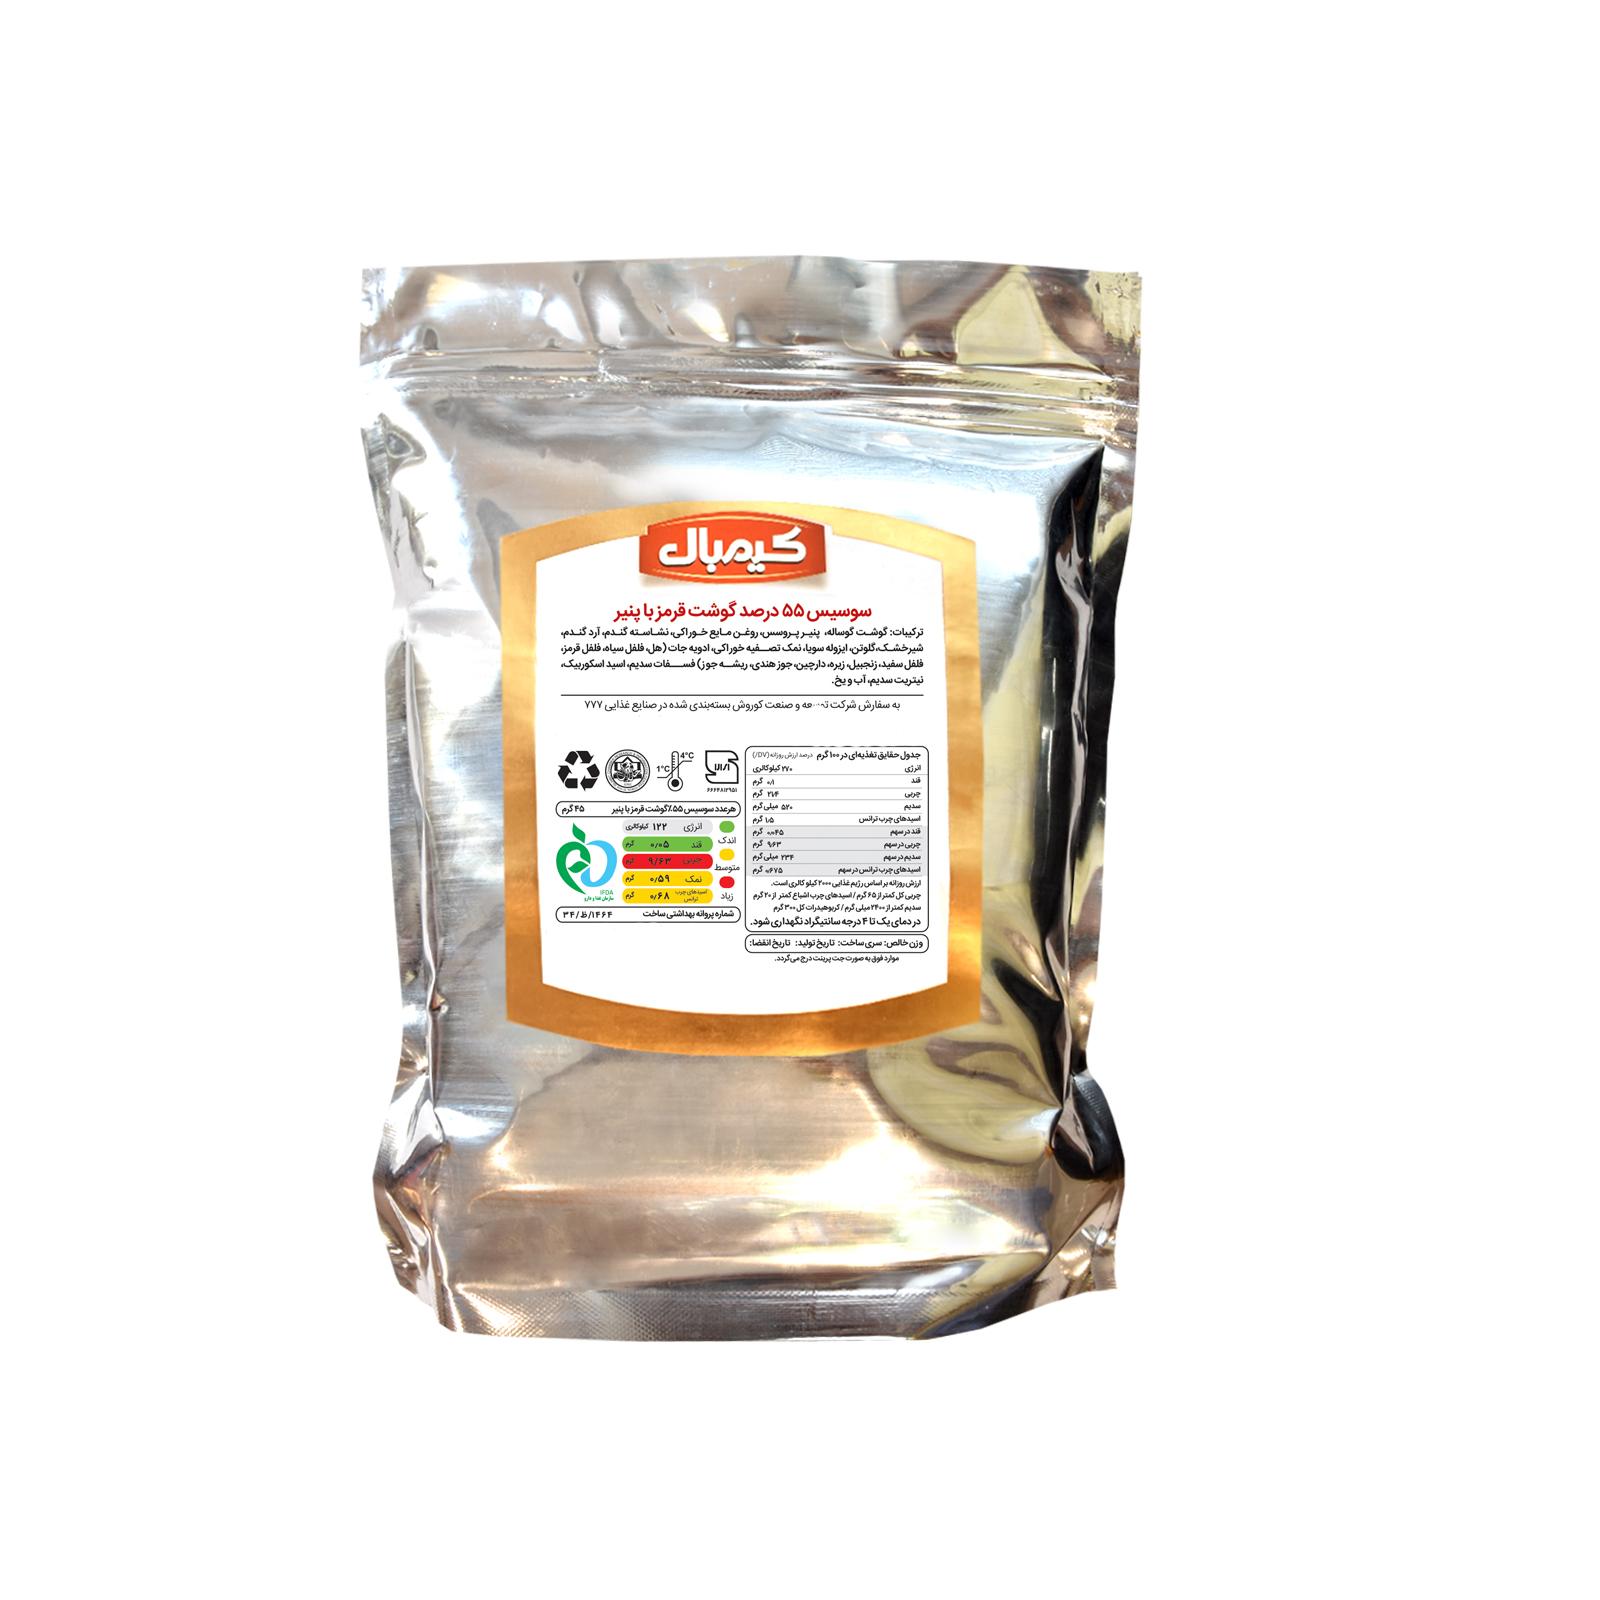 سوسیس 55 درصد گوشت قرمز با پنیر کیمبال - 300 گرم